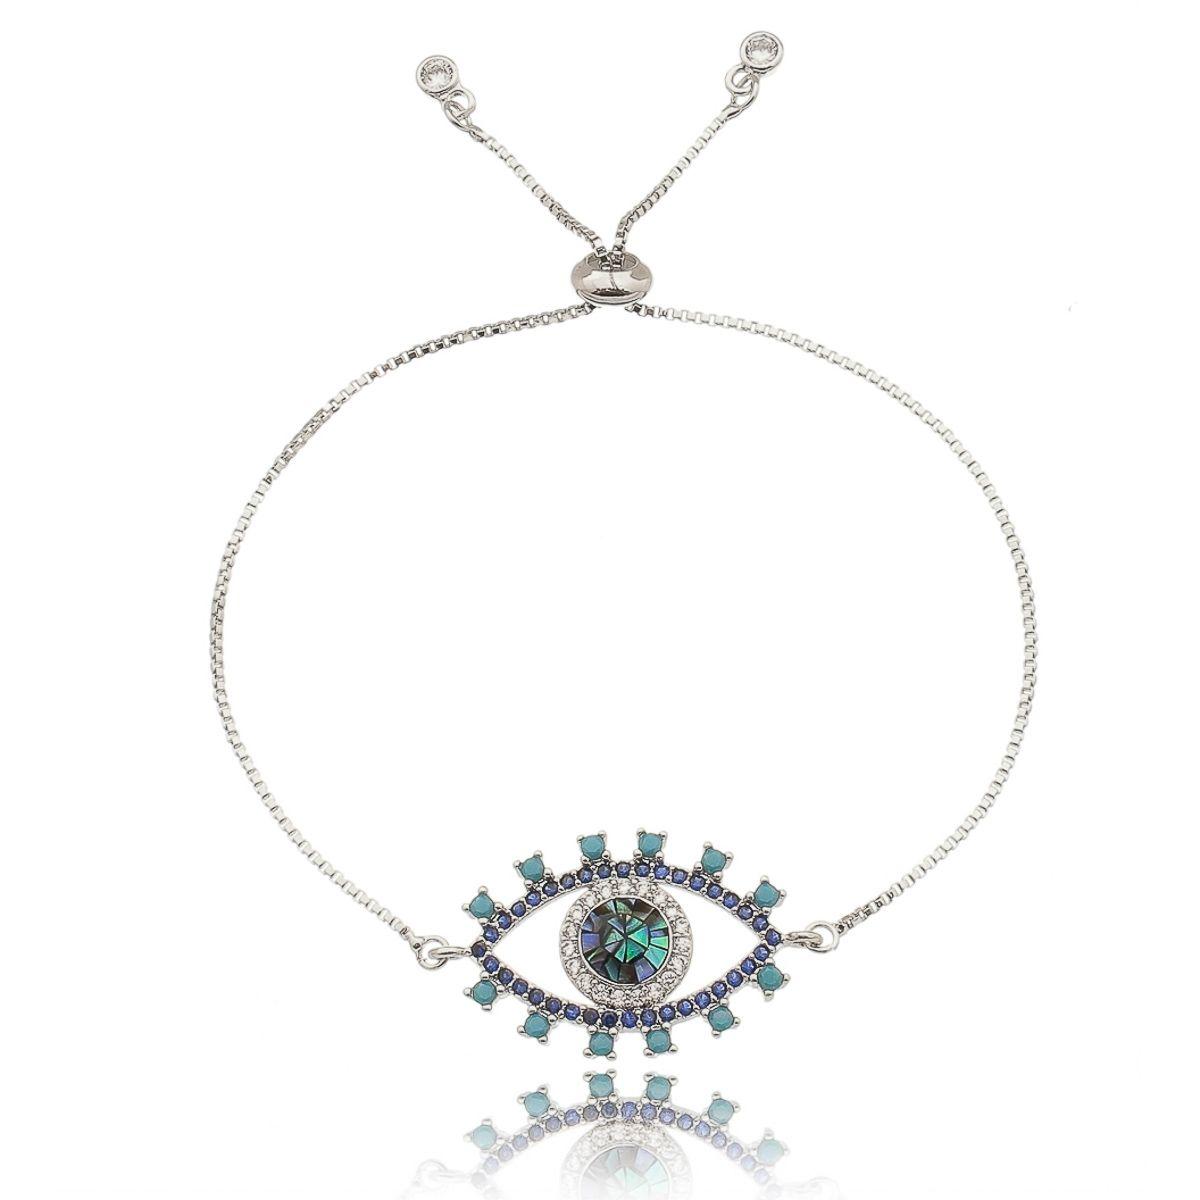 Pulseira Olho Grego Mosaico em Madrepérola e Zircônias Cristal e Turquesa Semijoia Luxo Ródio Branco  - Soloyou